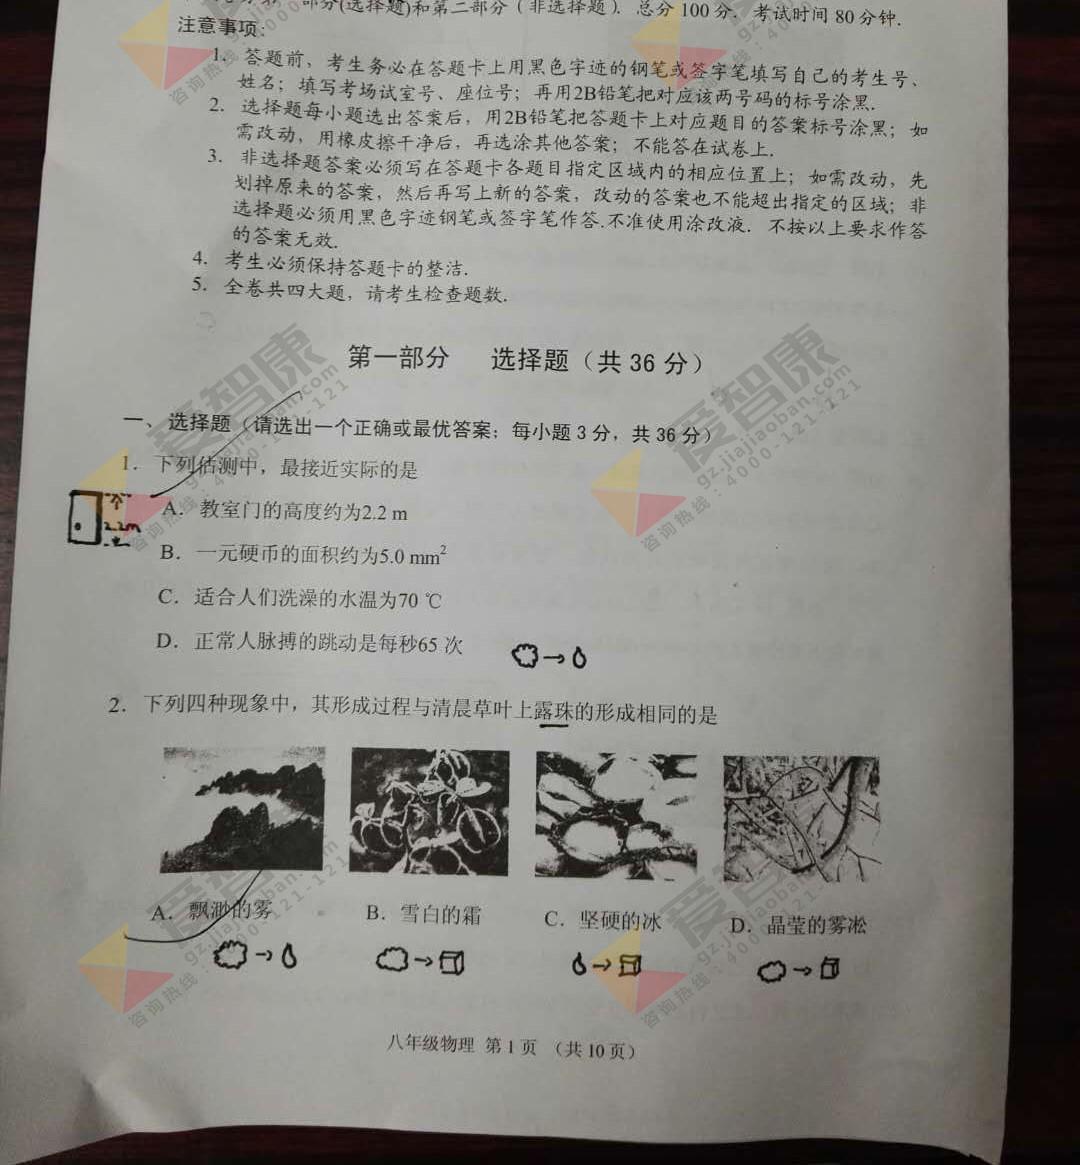 2017-2018学年广州荔湾区初二上学期期末物理试卷及答案解析